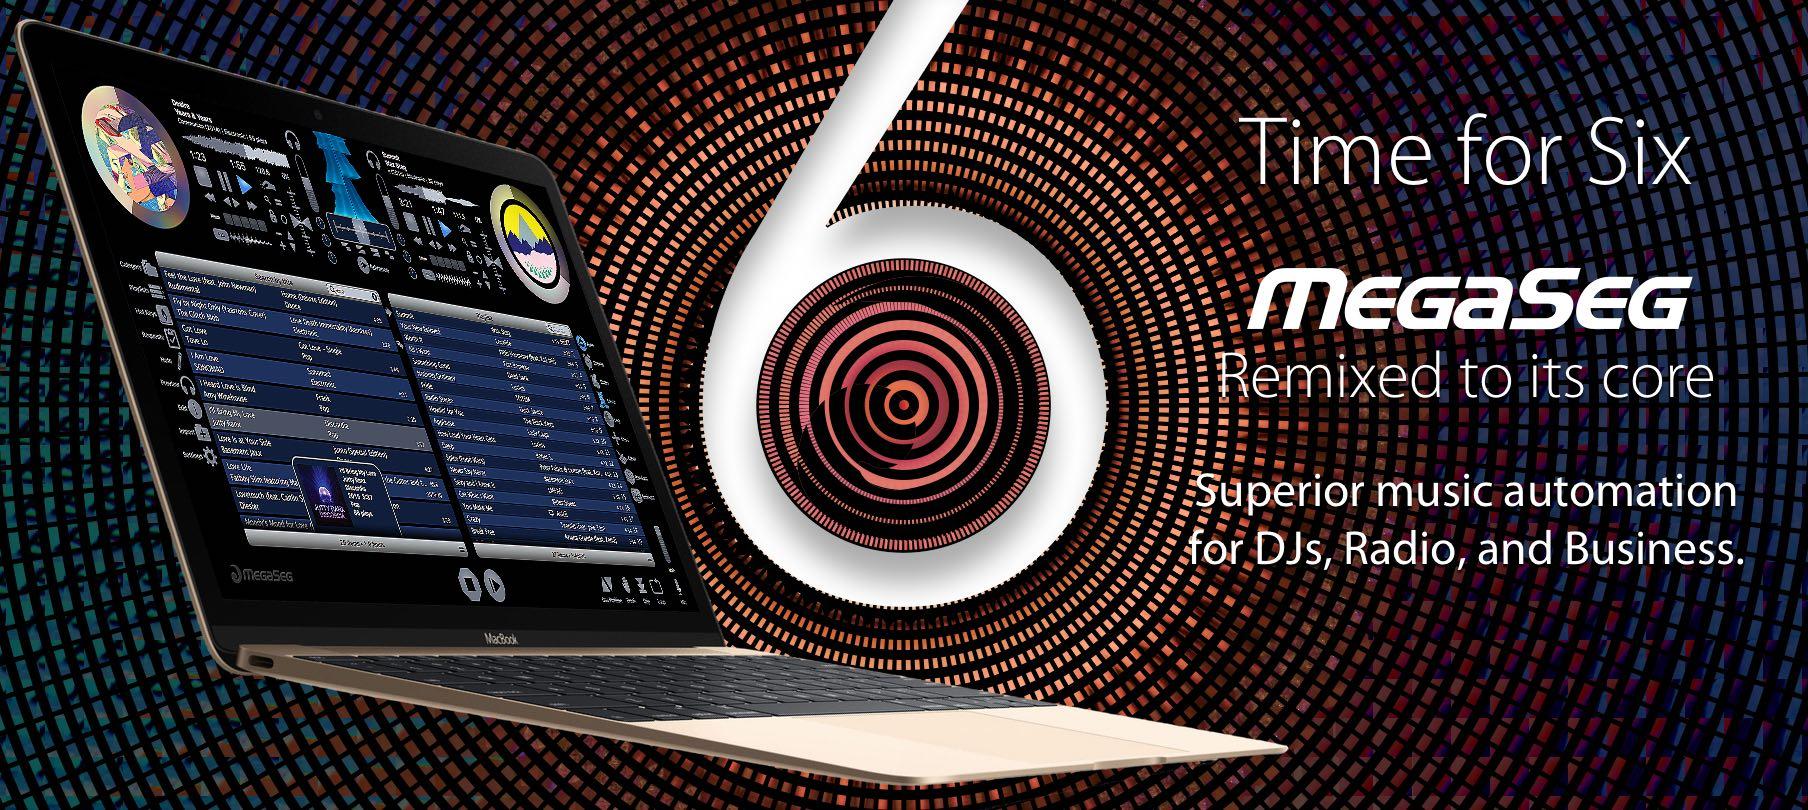 MegaSeg Pro for Mac 6.0.5 注册版 - 音乐混音应用